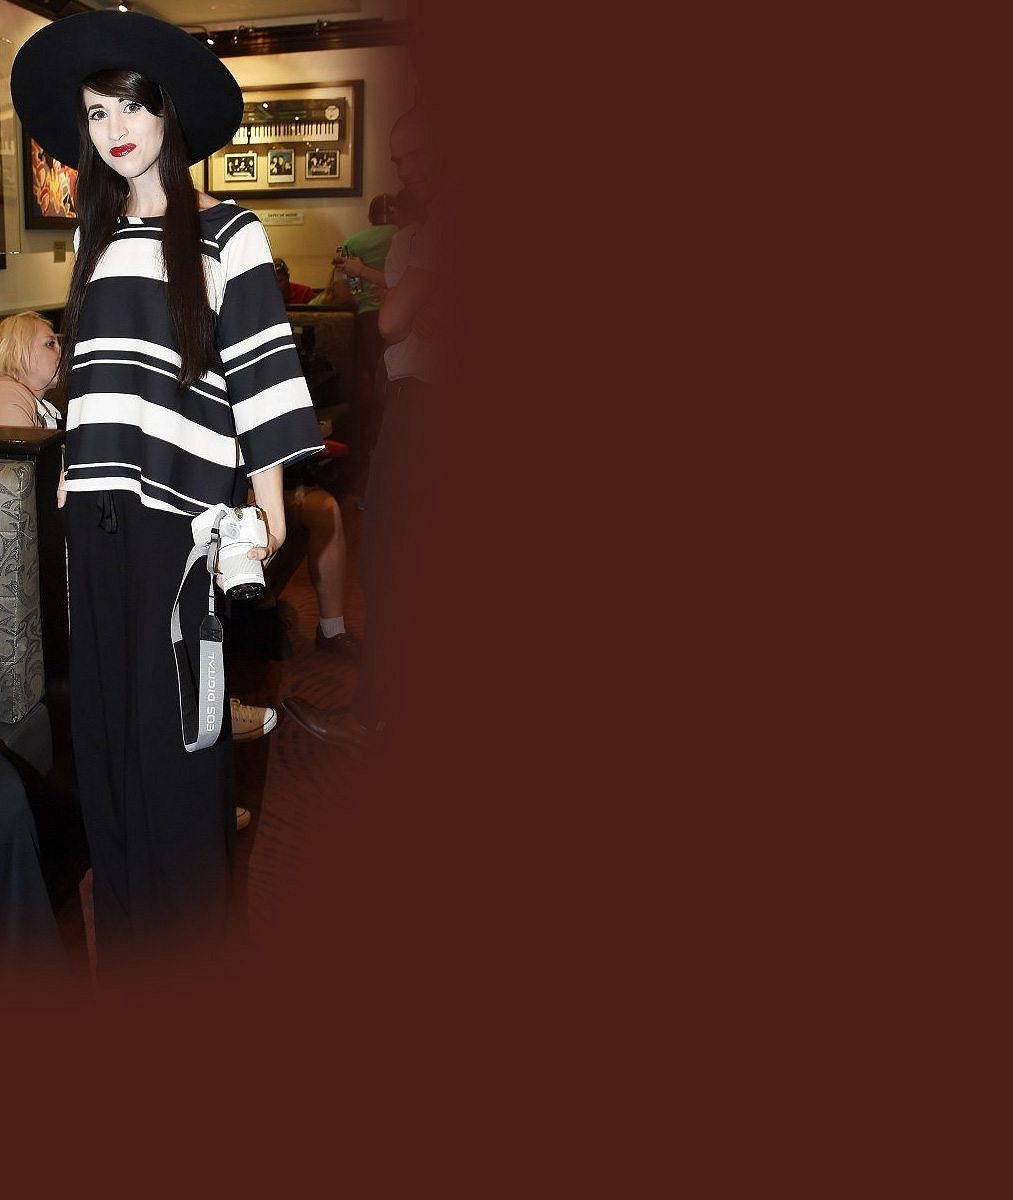 V tomhle klobouku málem neprošla dveřmi: Česká Lady Gaga bledá jako smrt poutala pozornost